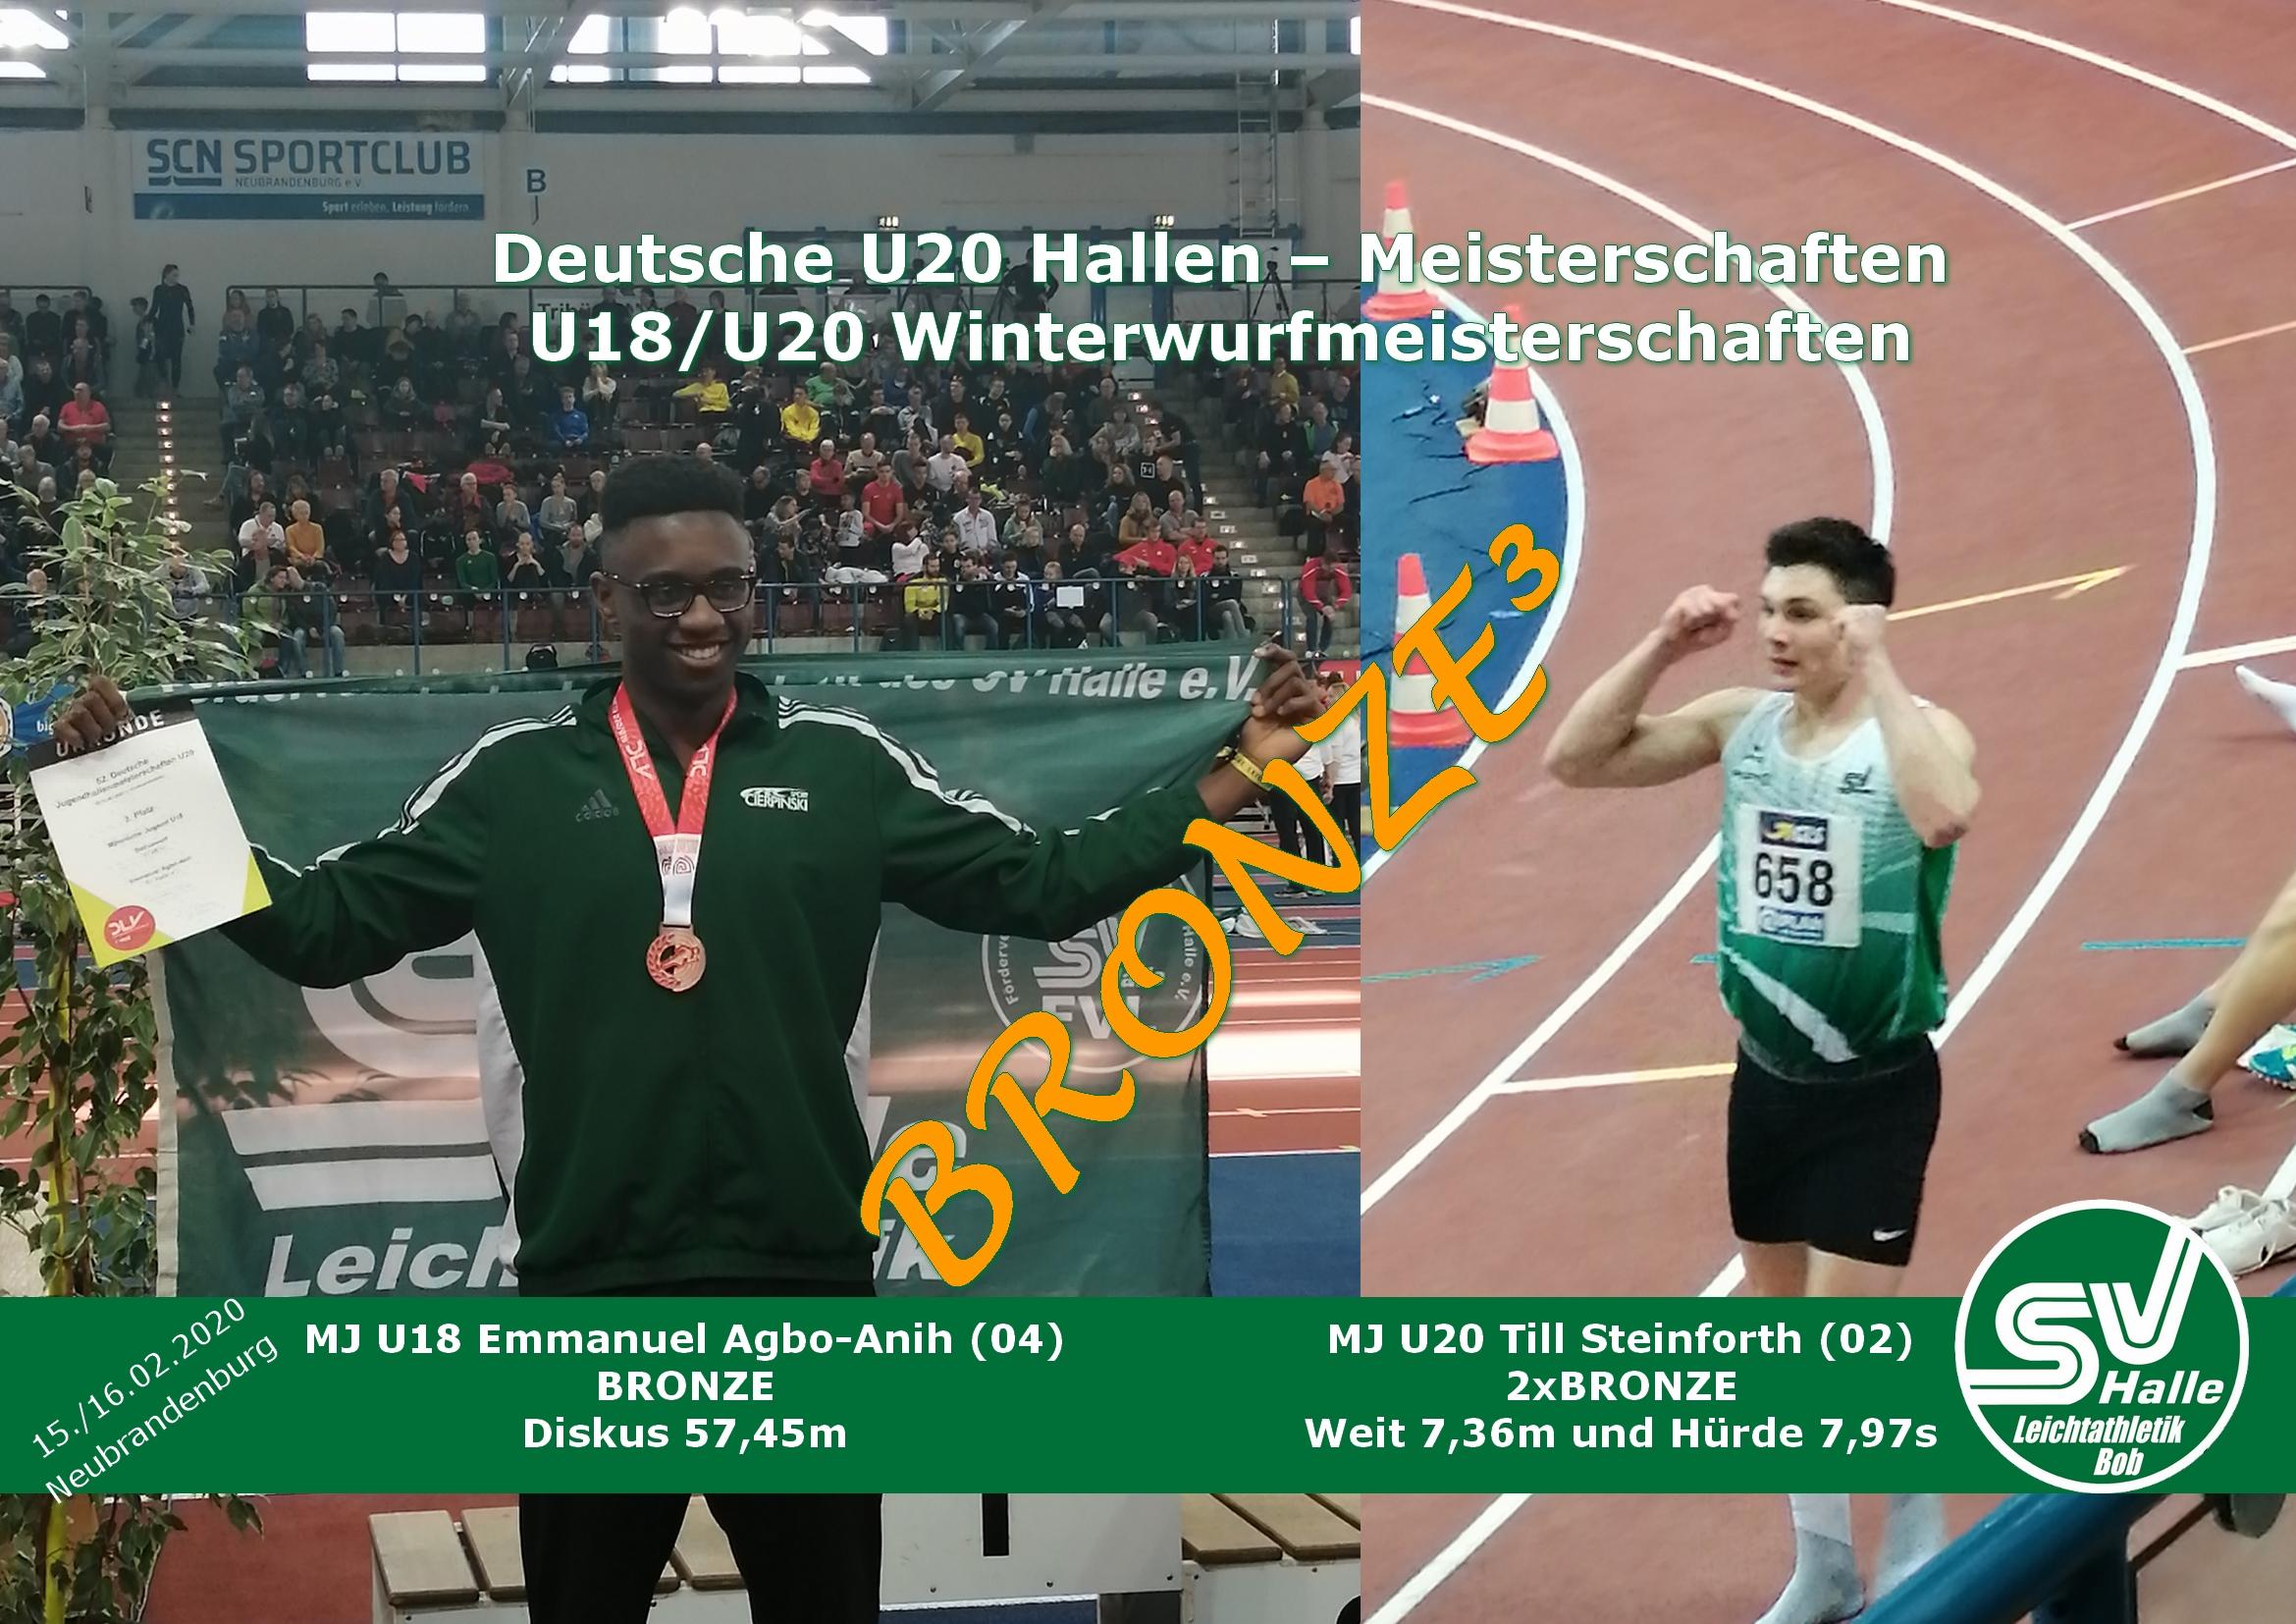 U20 Hallen DM Neubrandenburg Medaillengewinner Emmanuel Agbo-Anih und Till Steinforth